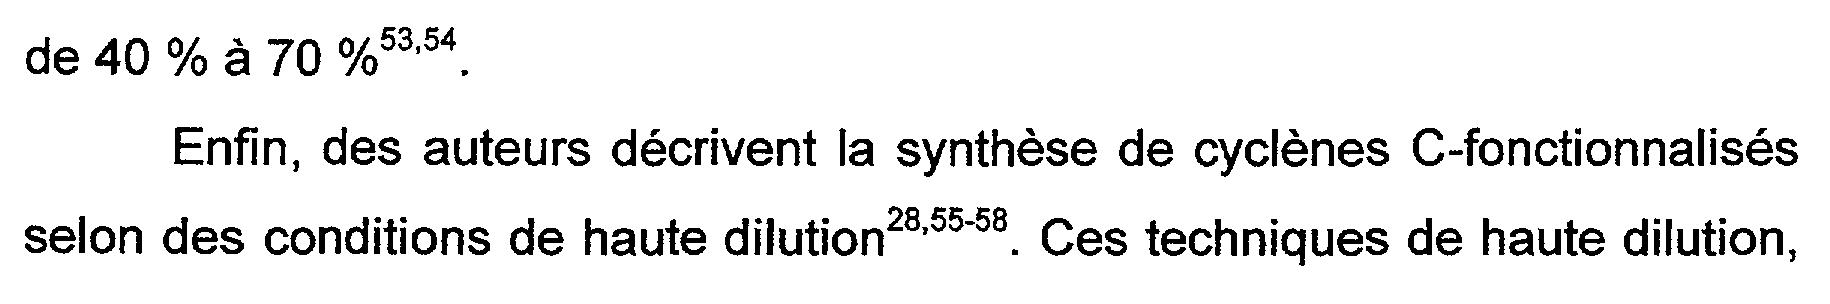 Figure img00040001